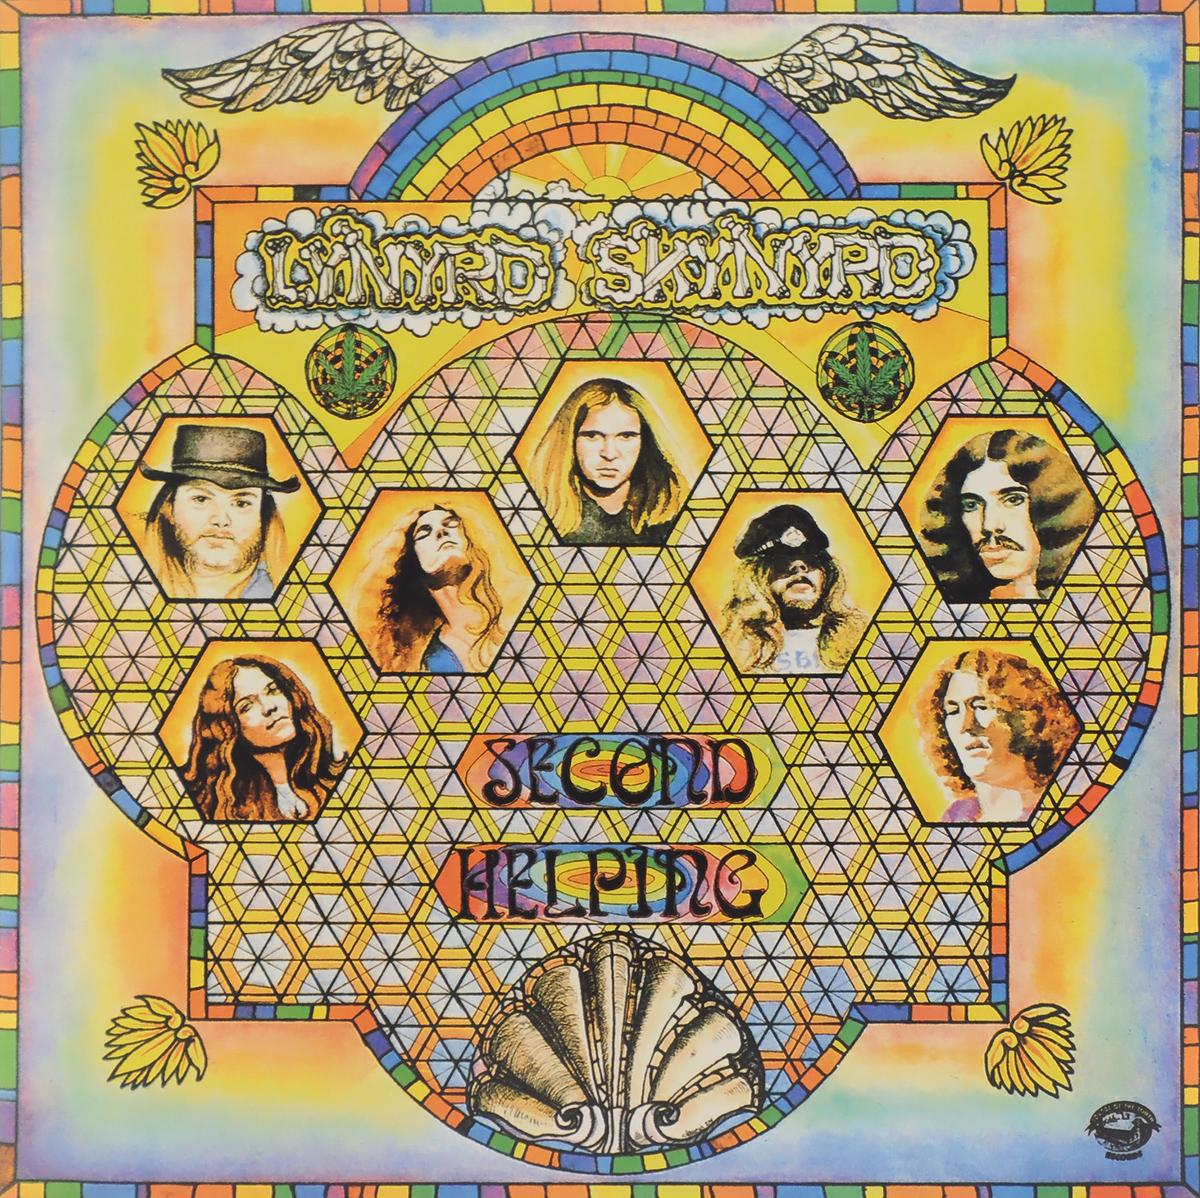 Lynyrd Skynyrd Lynyrd Skynyrd. Second Helping (LP) lynyrd skynyrd lynyrd skynyrd one more from the road 2 lp